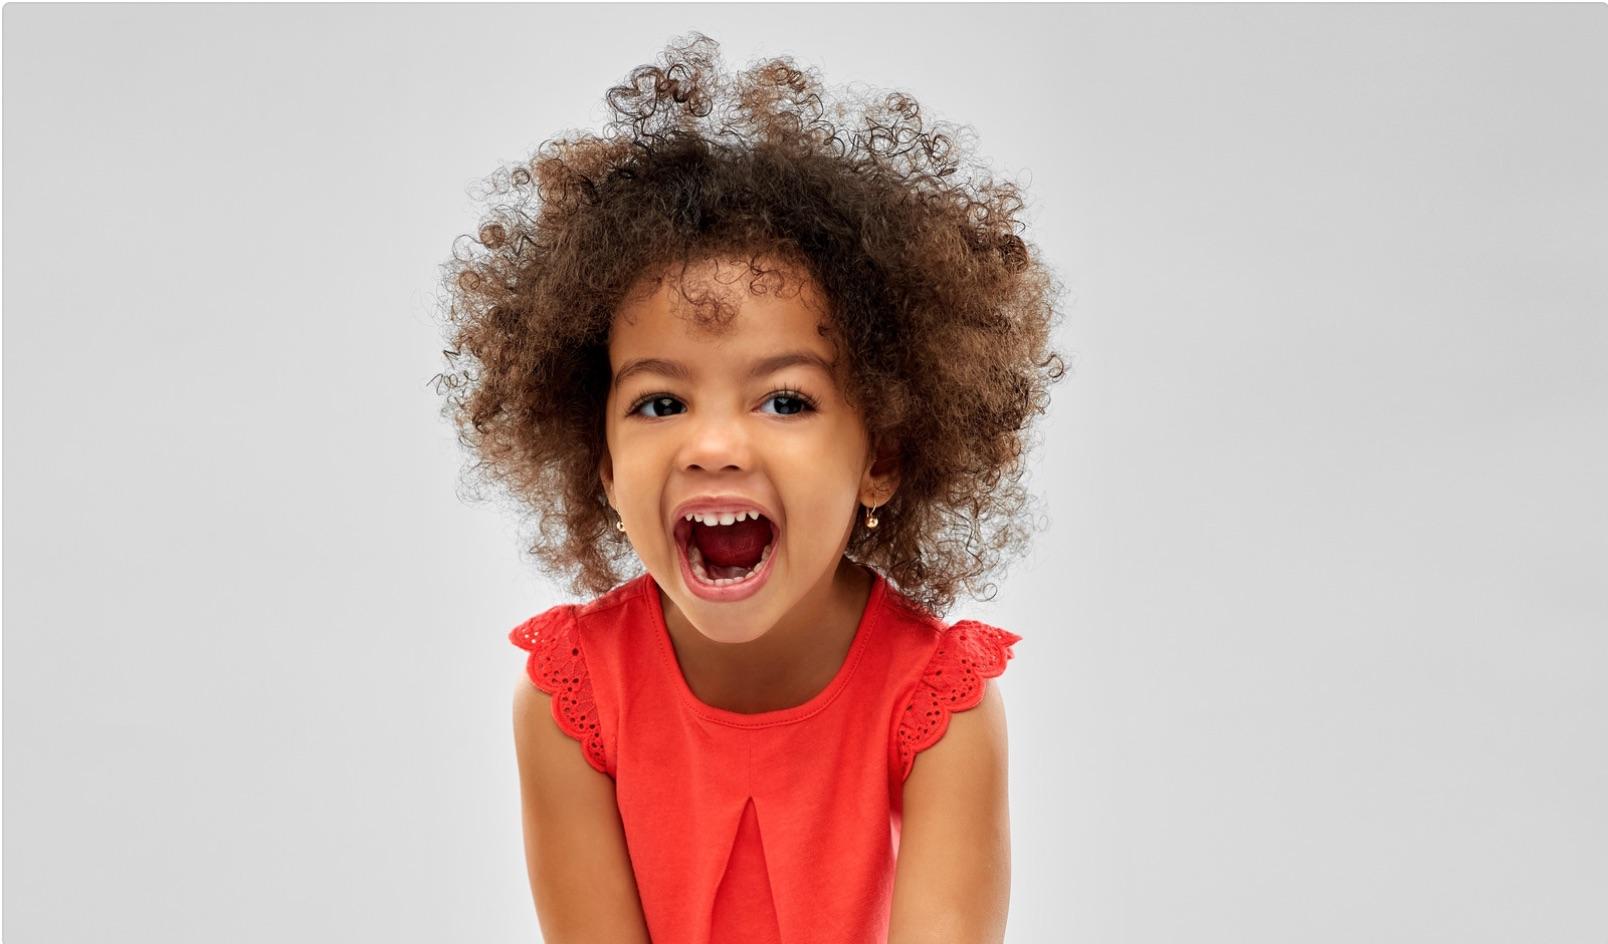 Wann bekommen Kinder ihre ersten Milchzähne und wie lassen